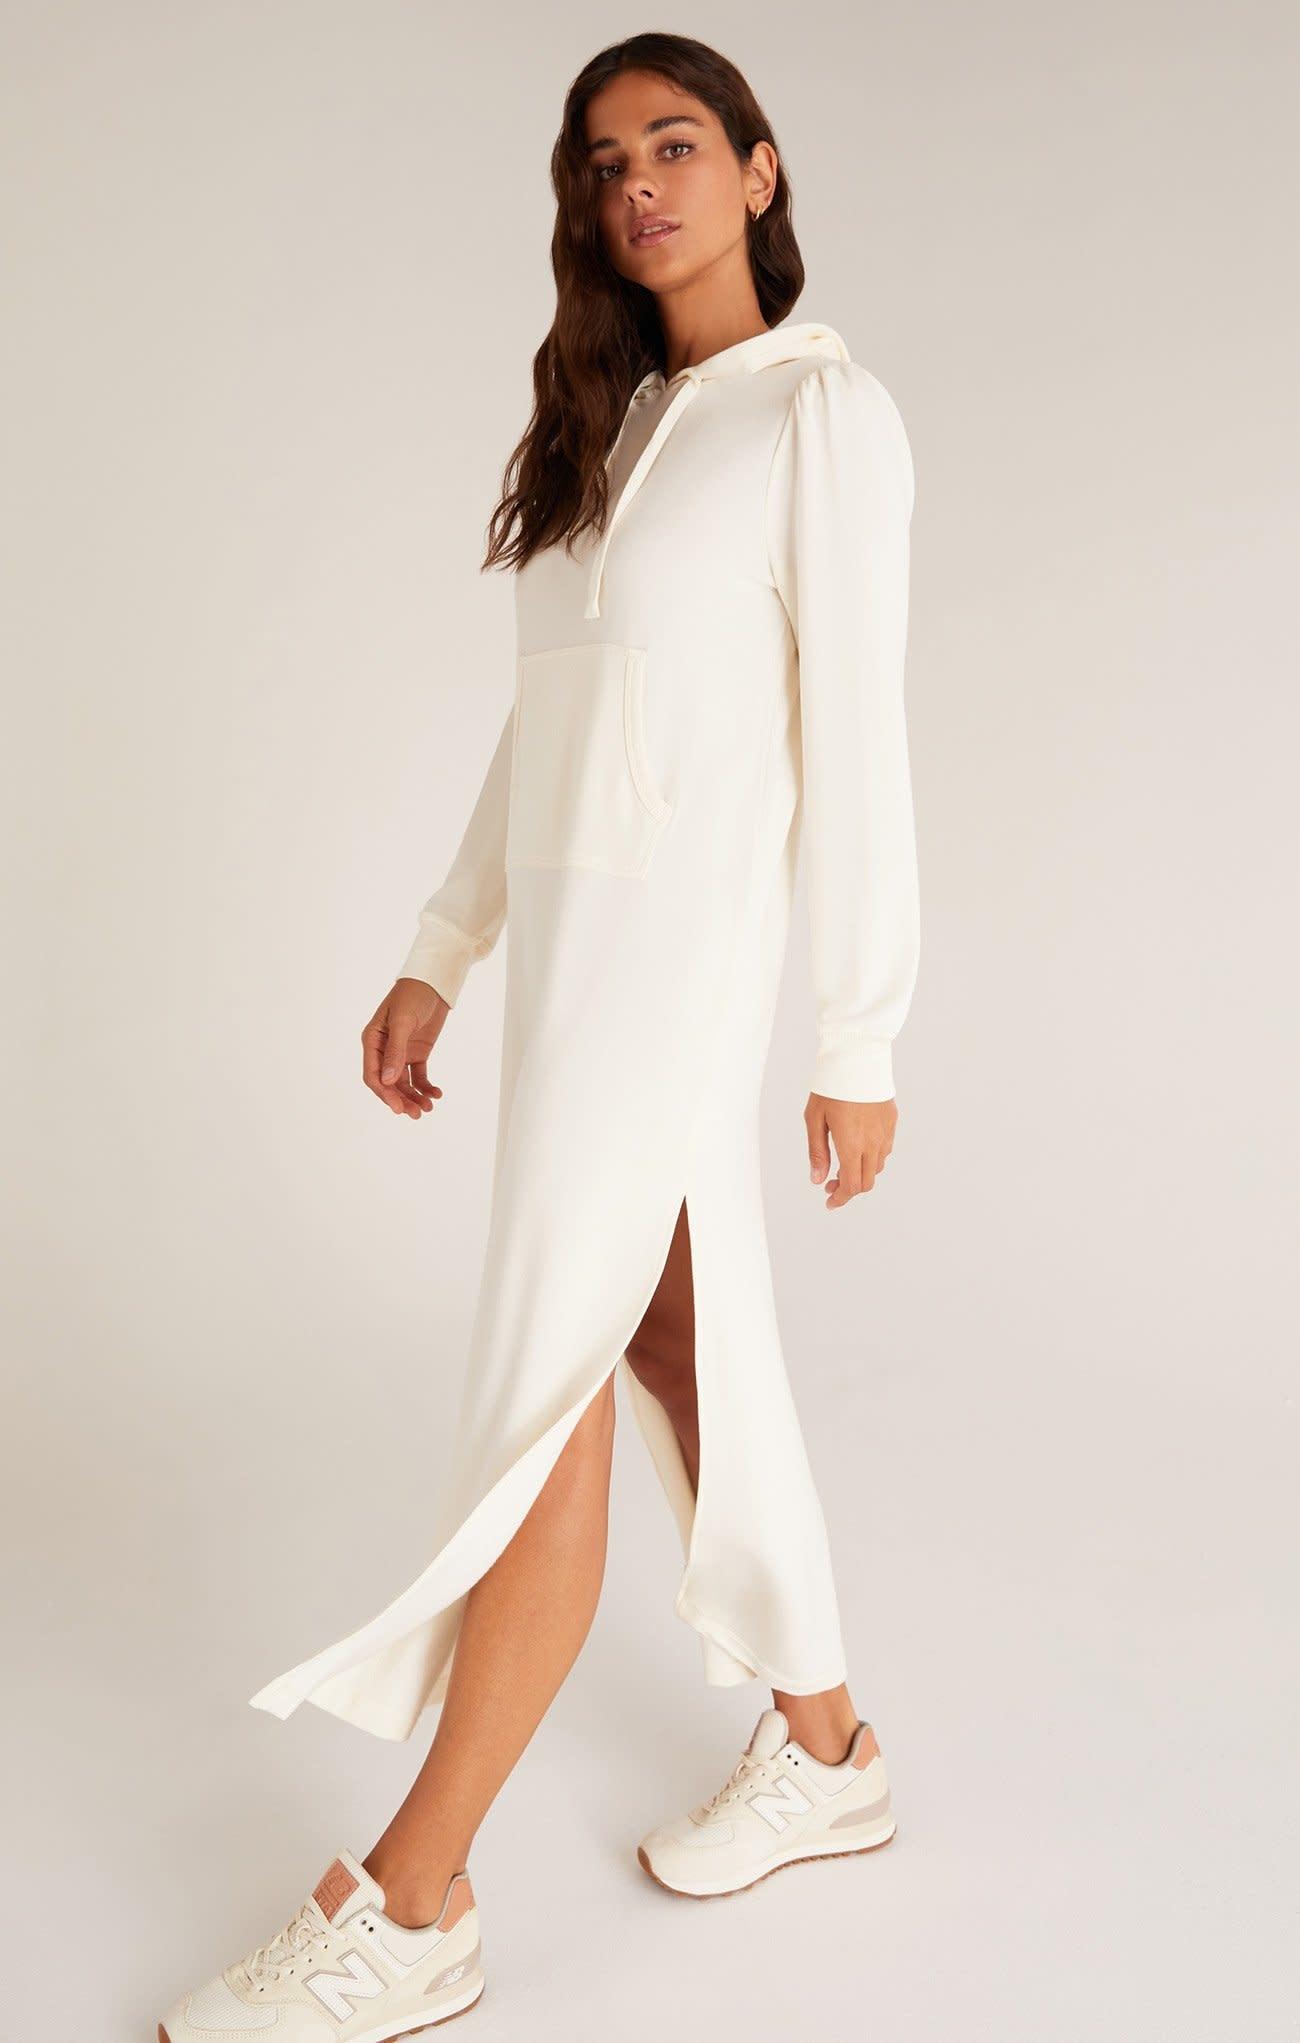 ZSUPPLY SOPHIA PULLOVER HOODIE DRESS - CLOUD DANCER